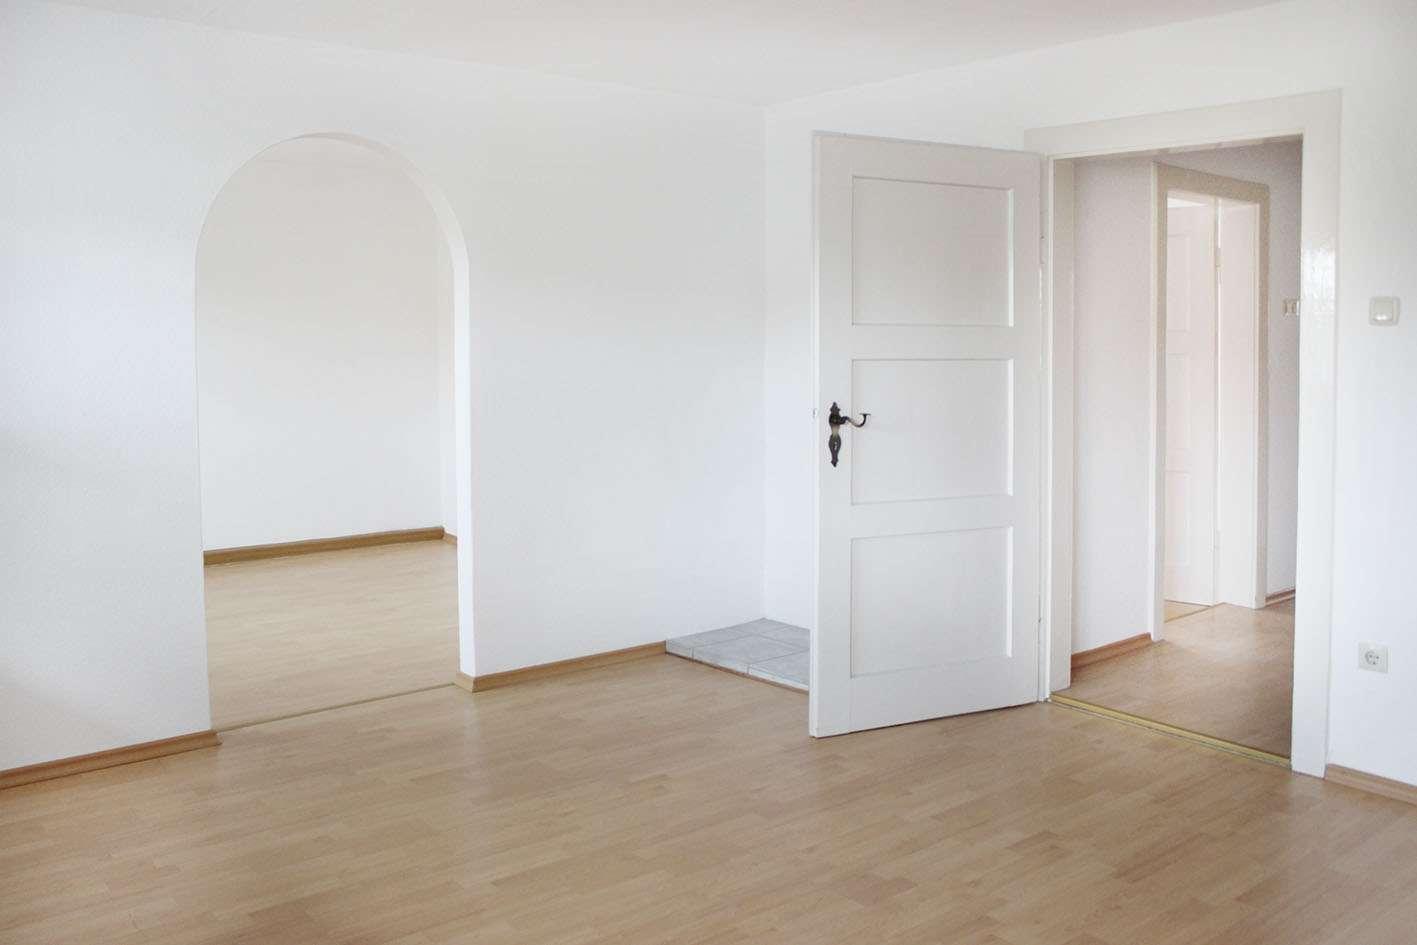 Gepflegte + sanierte 65 qm große 2-Zimmer Wohnung mit EBK, zentral in Riedering in Riedering